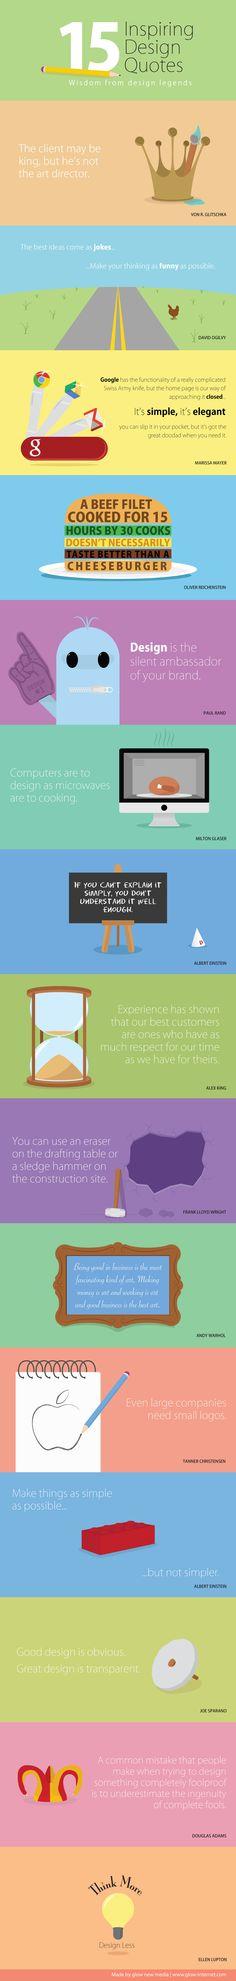 15 inspiring design quotes #infographic